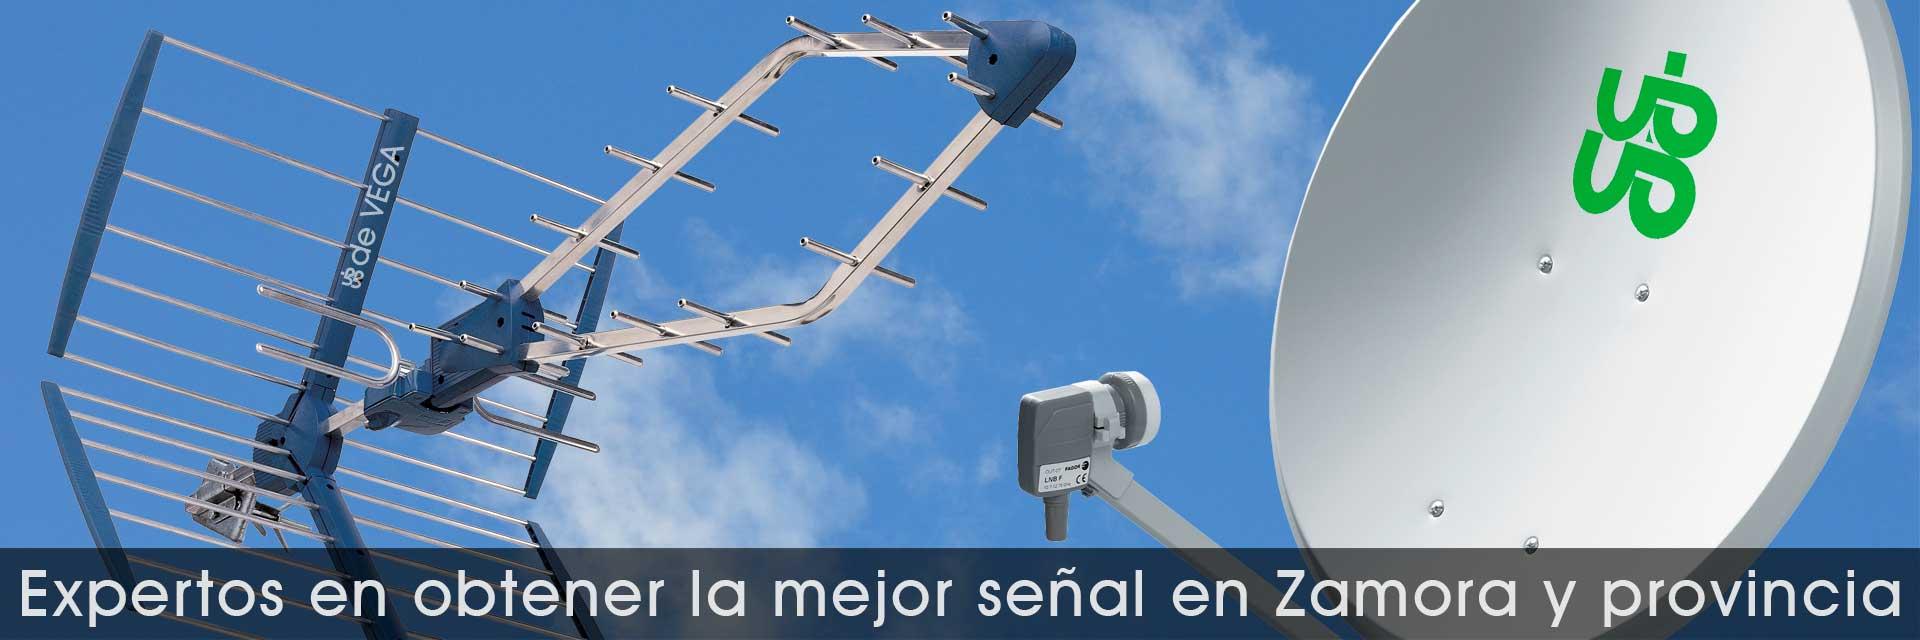 Antenas TV colectivas. Antenas individuales. Parabólicas. Repetidores TV.